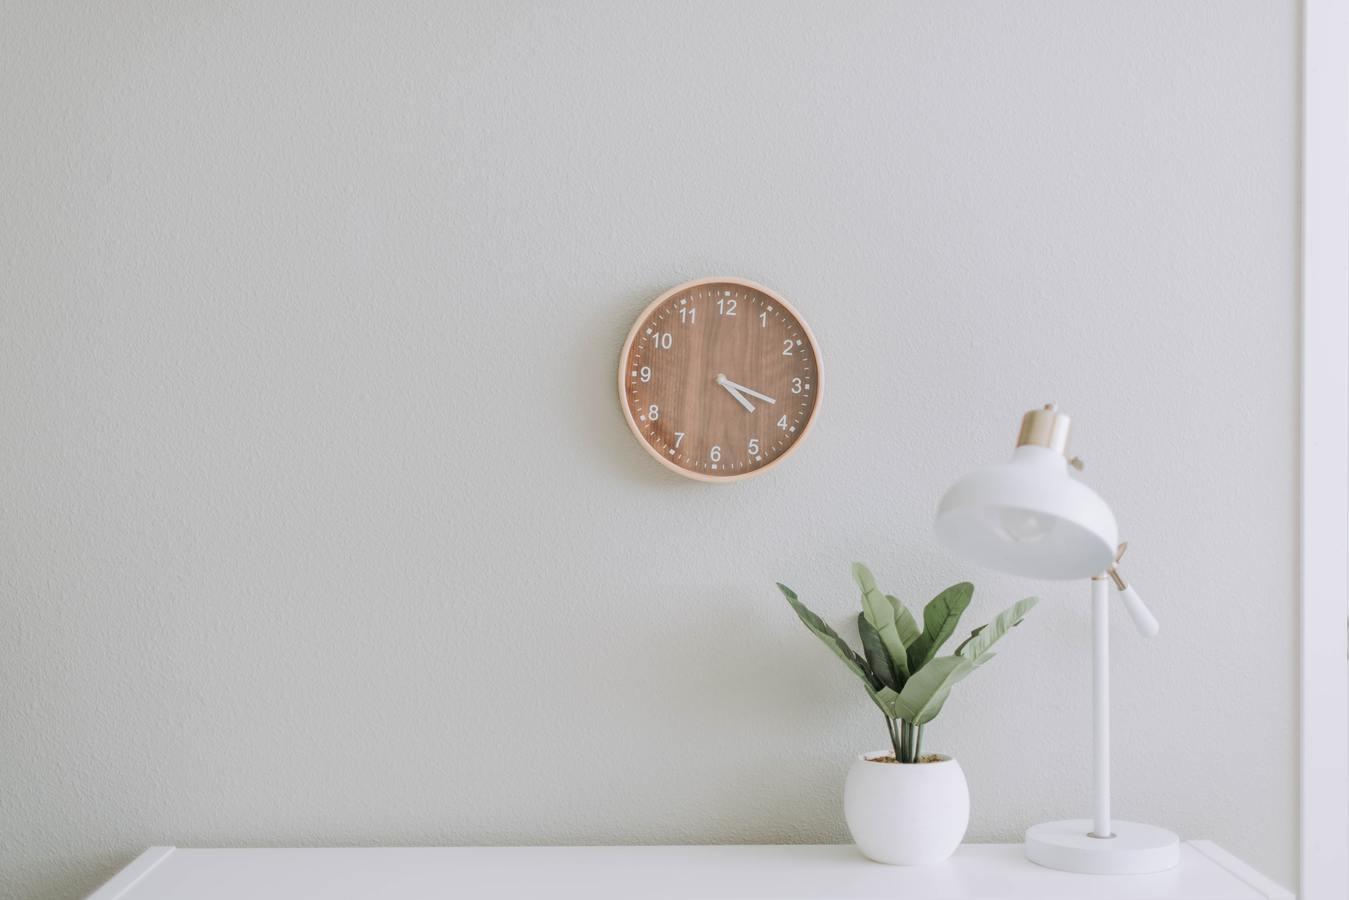 Un orologio da parete sopra un tavolo con una lampada e una pianta